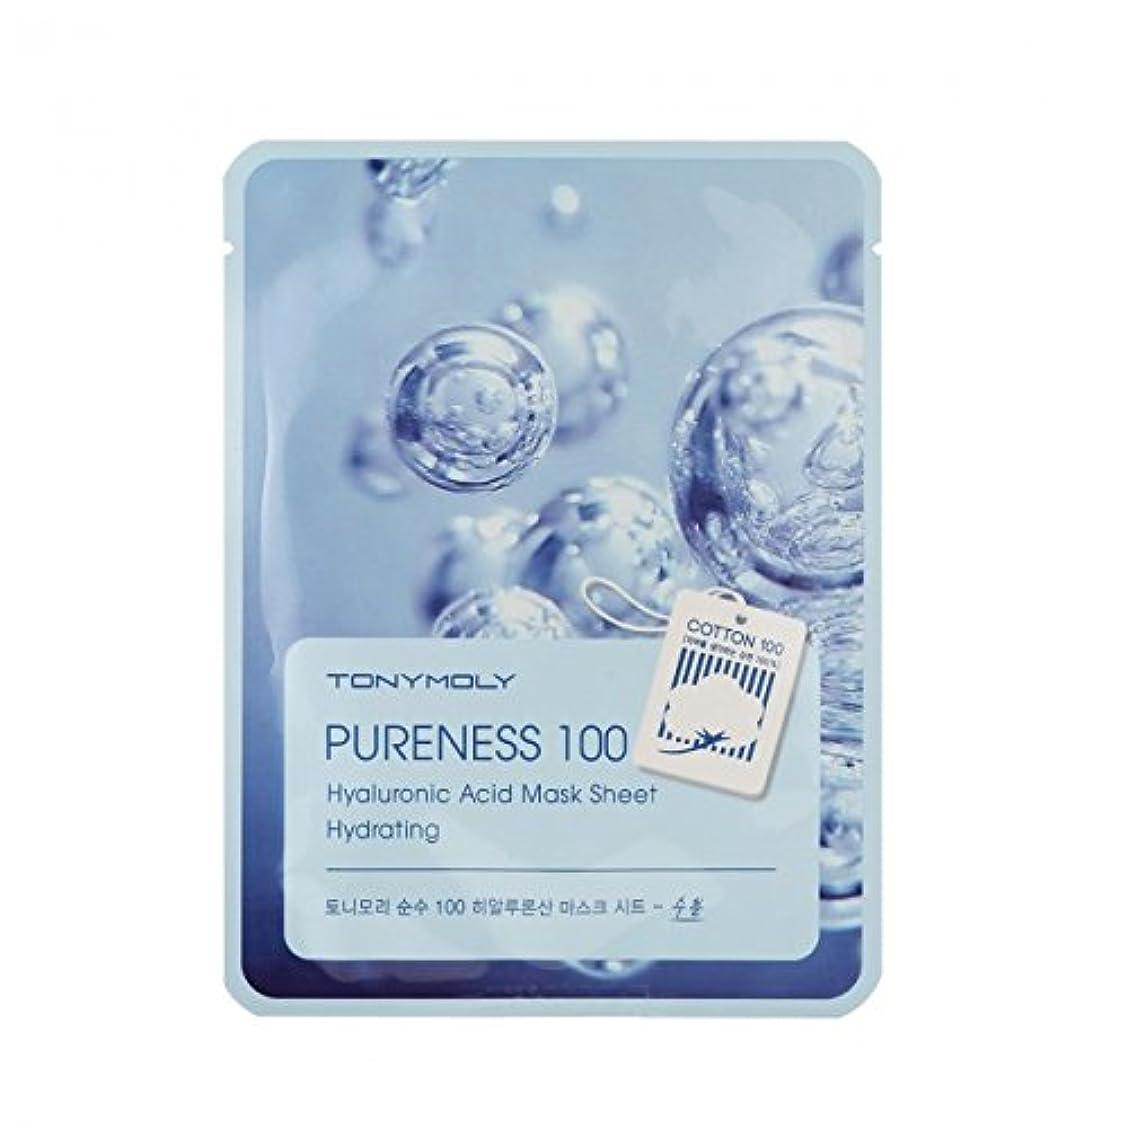 教育する労働格納(3 Pack) TONYMOLY Pureness 100 Hyaluronic Acid Mask Sheet Hydrating (並行輸入品)